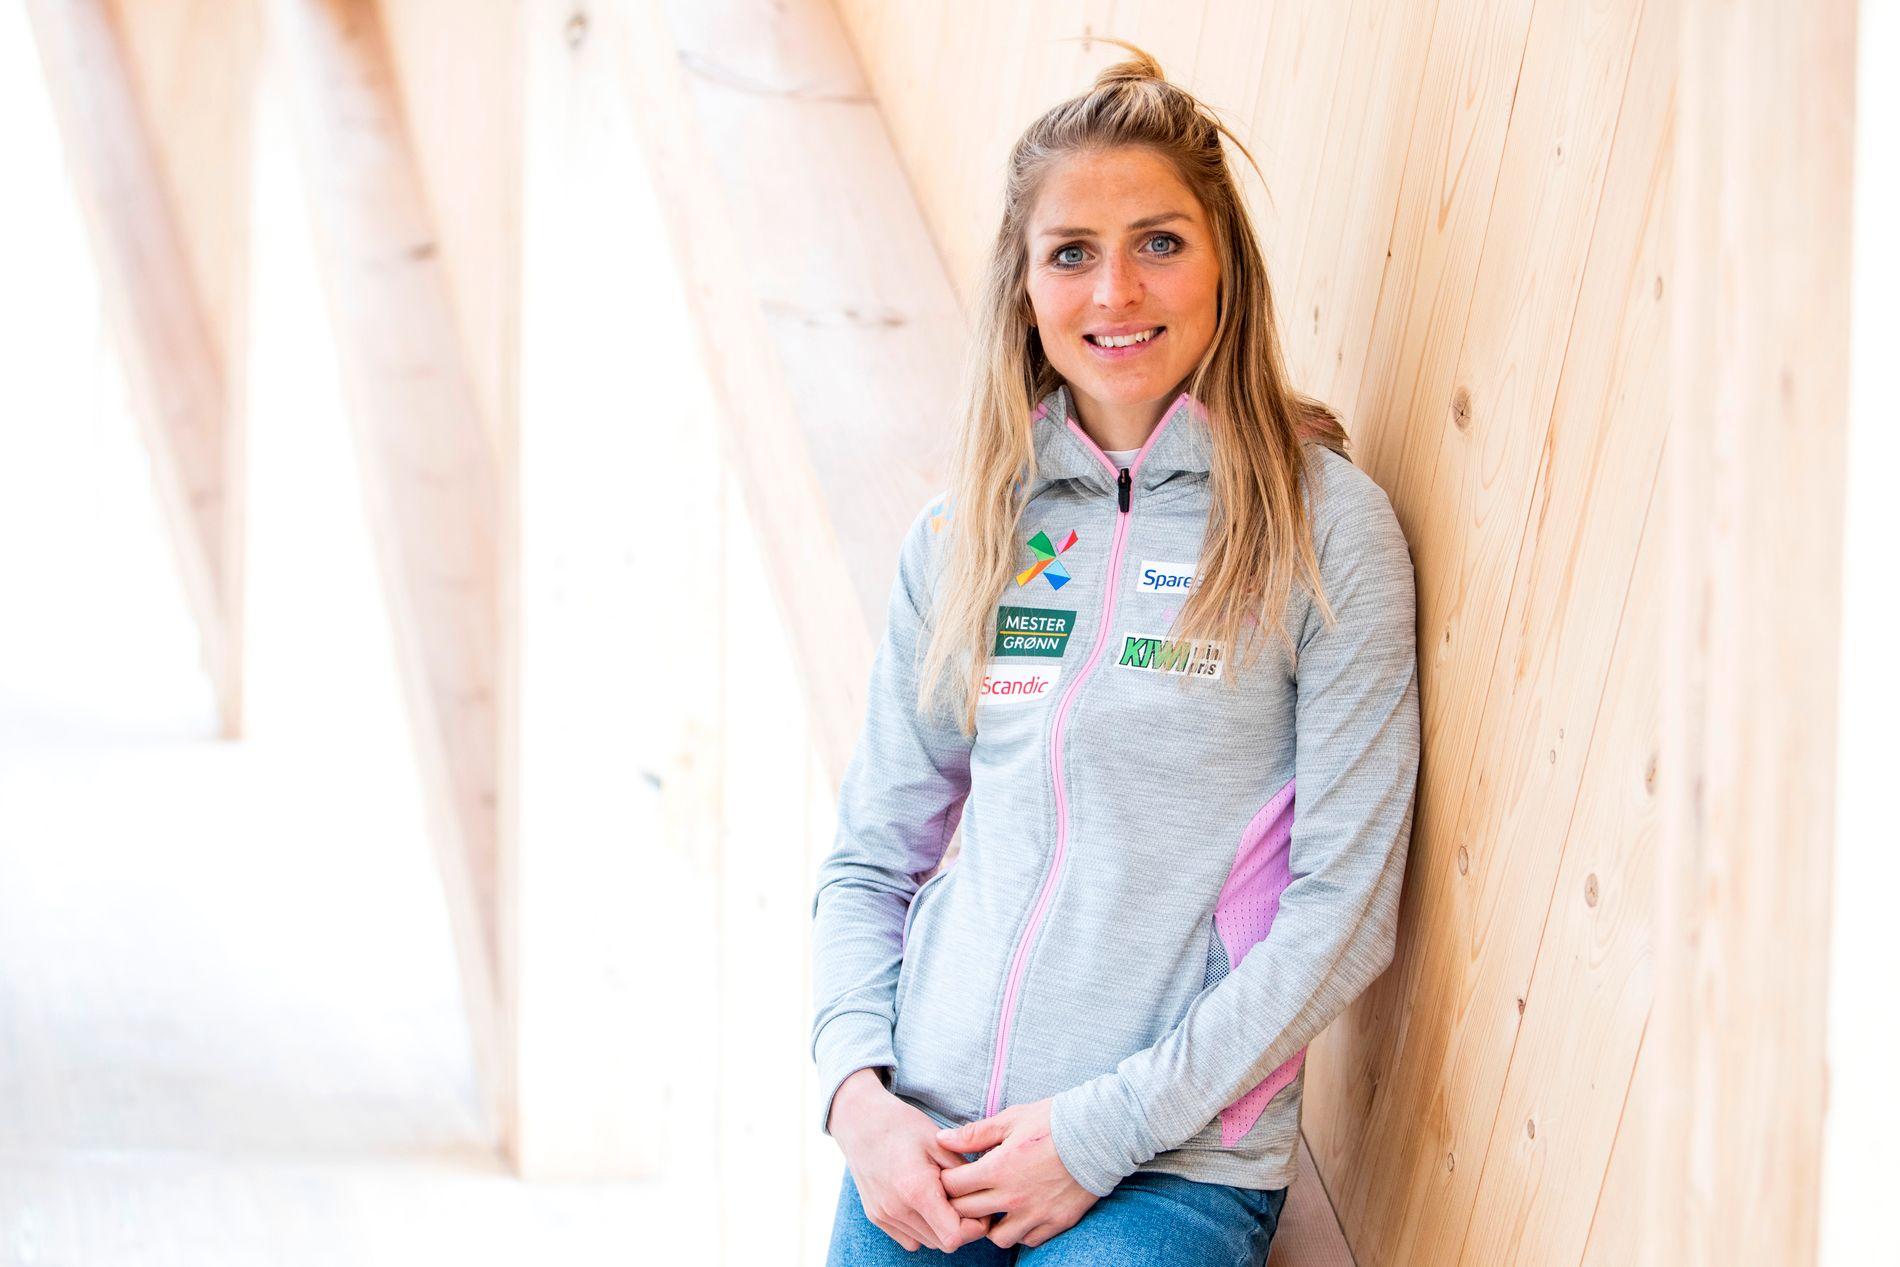 VM-DRONNING: Therese Johaug grep tronen som var ledig med ski og staver da Marit Bjørgen la opp - og vant så godt som alt i comebacksesongen. Her er hun på landslagets treningssamling på Sognefjellet i begynnelsen av juni.